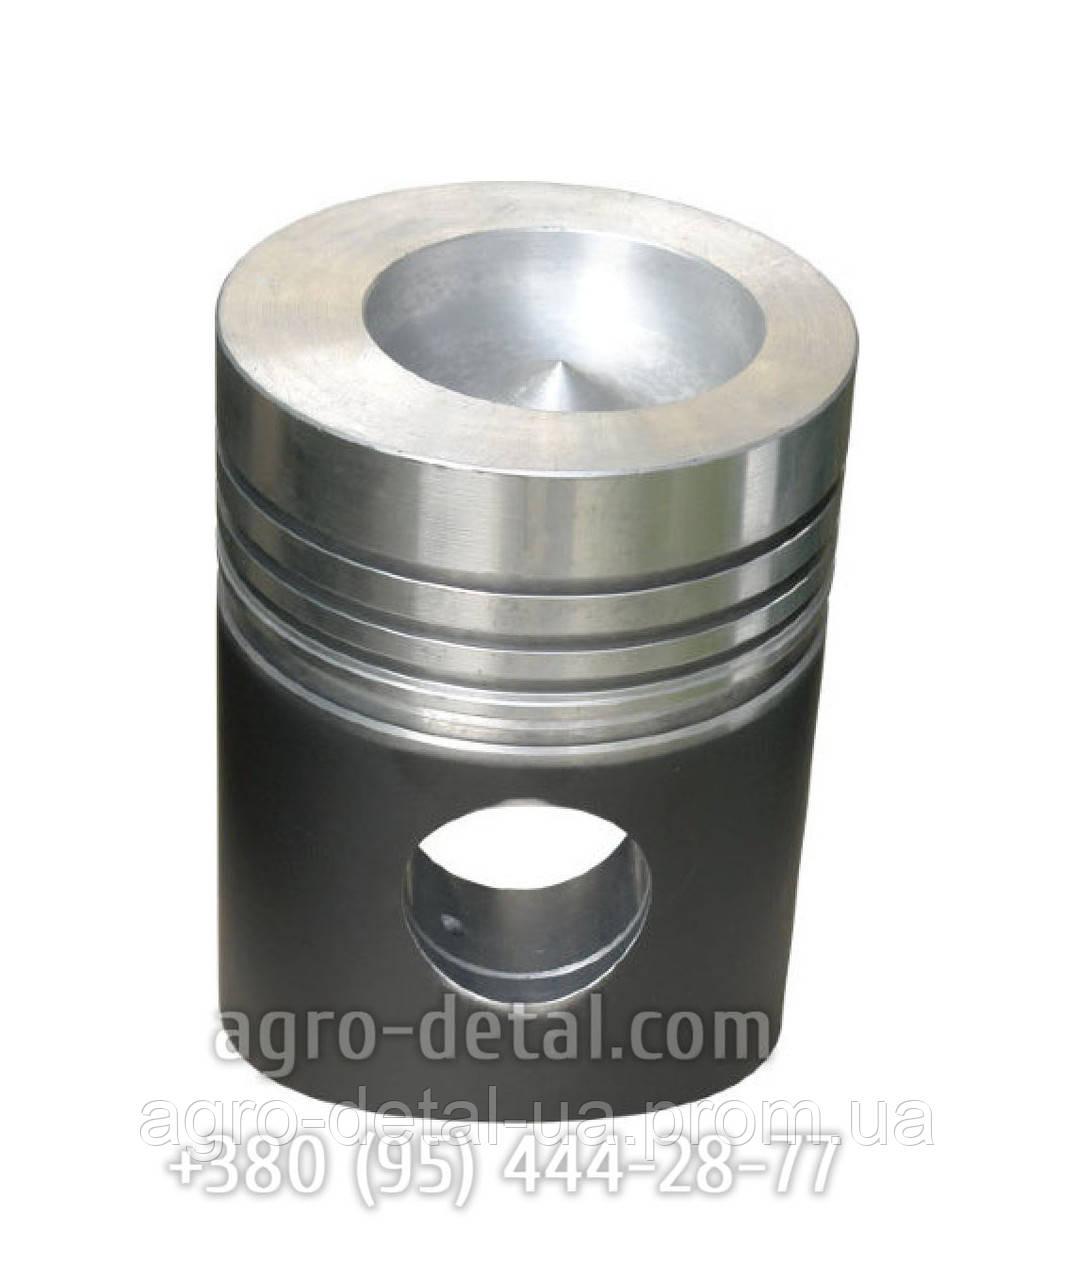 Поршень 01М-0305-3 пятиканавочный дизельного двигателя А 41,А 01